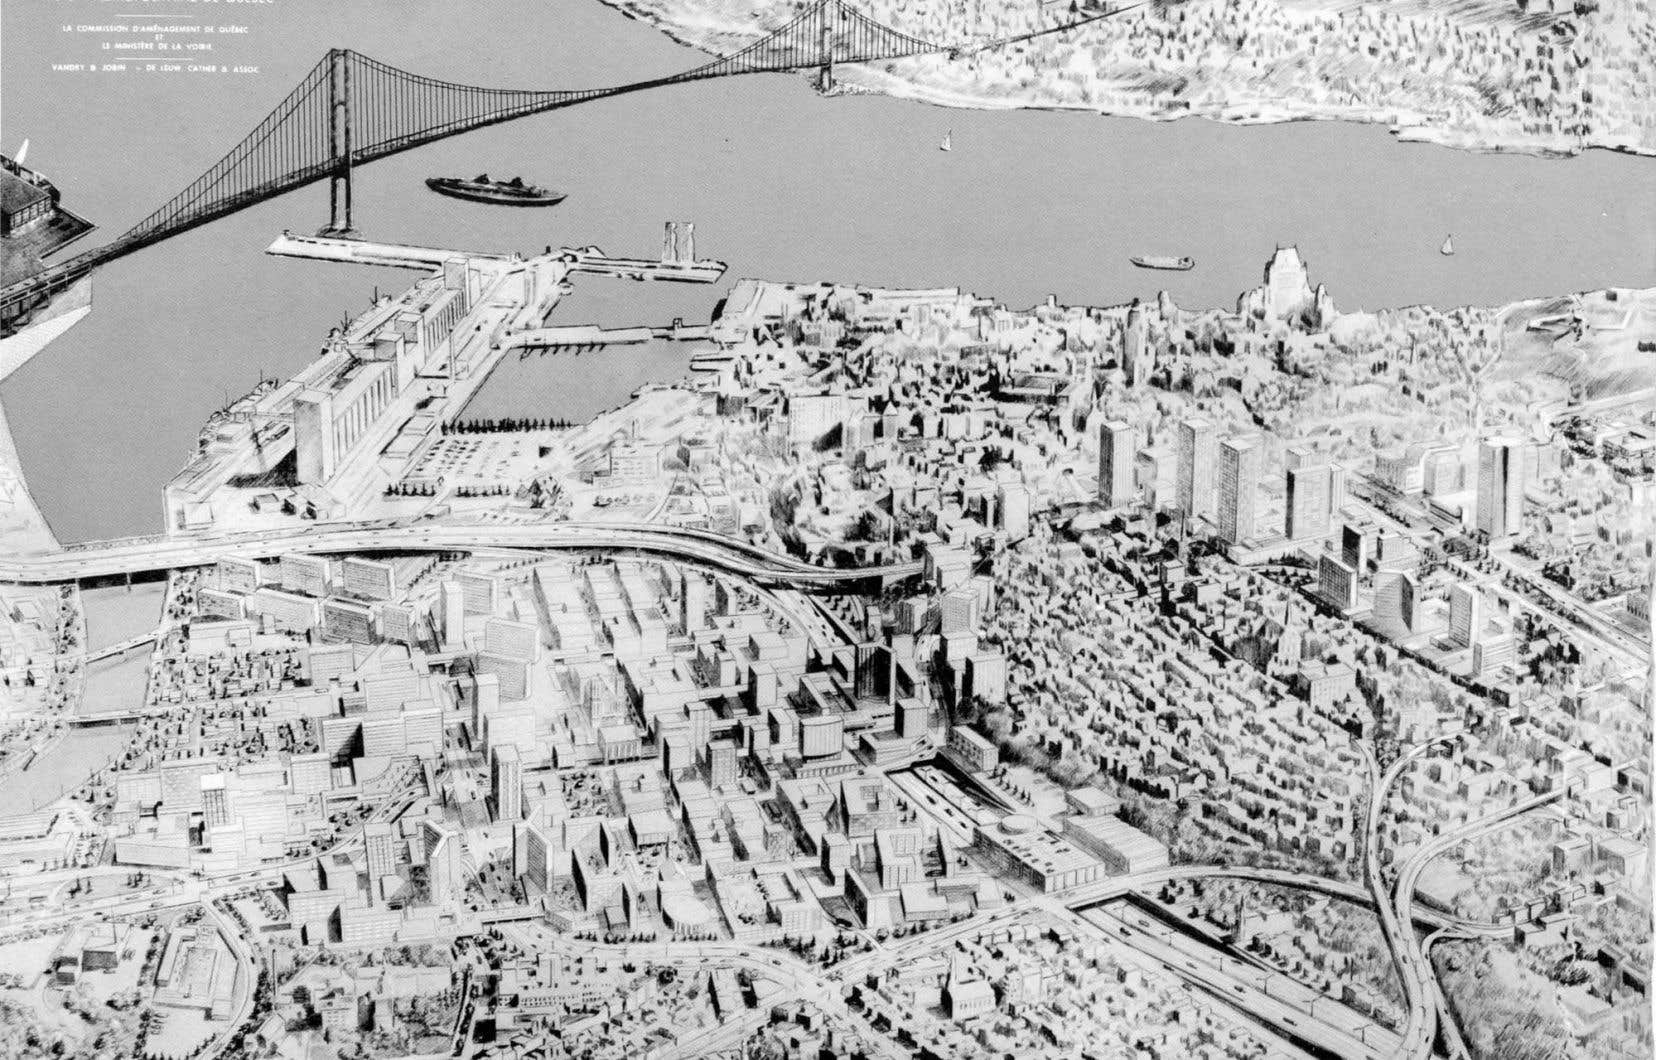 Vue futuriste de la capitale tirée du Plan de circulation et de transport pour la région métropolitaine de Québec présenté en 1968 par la Commission d'aménagement de Québec et le ministère de la Voirie.